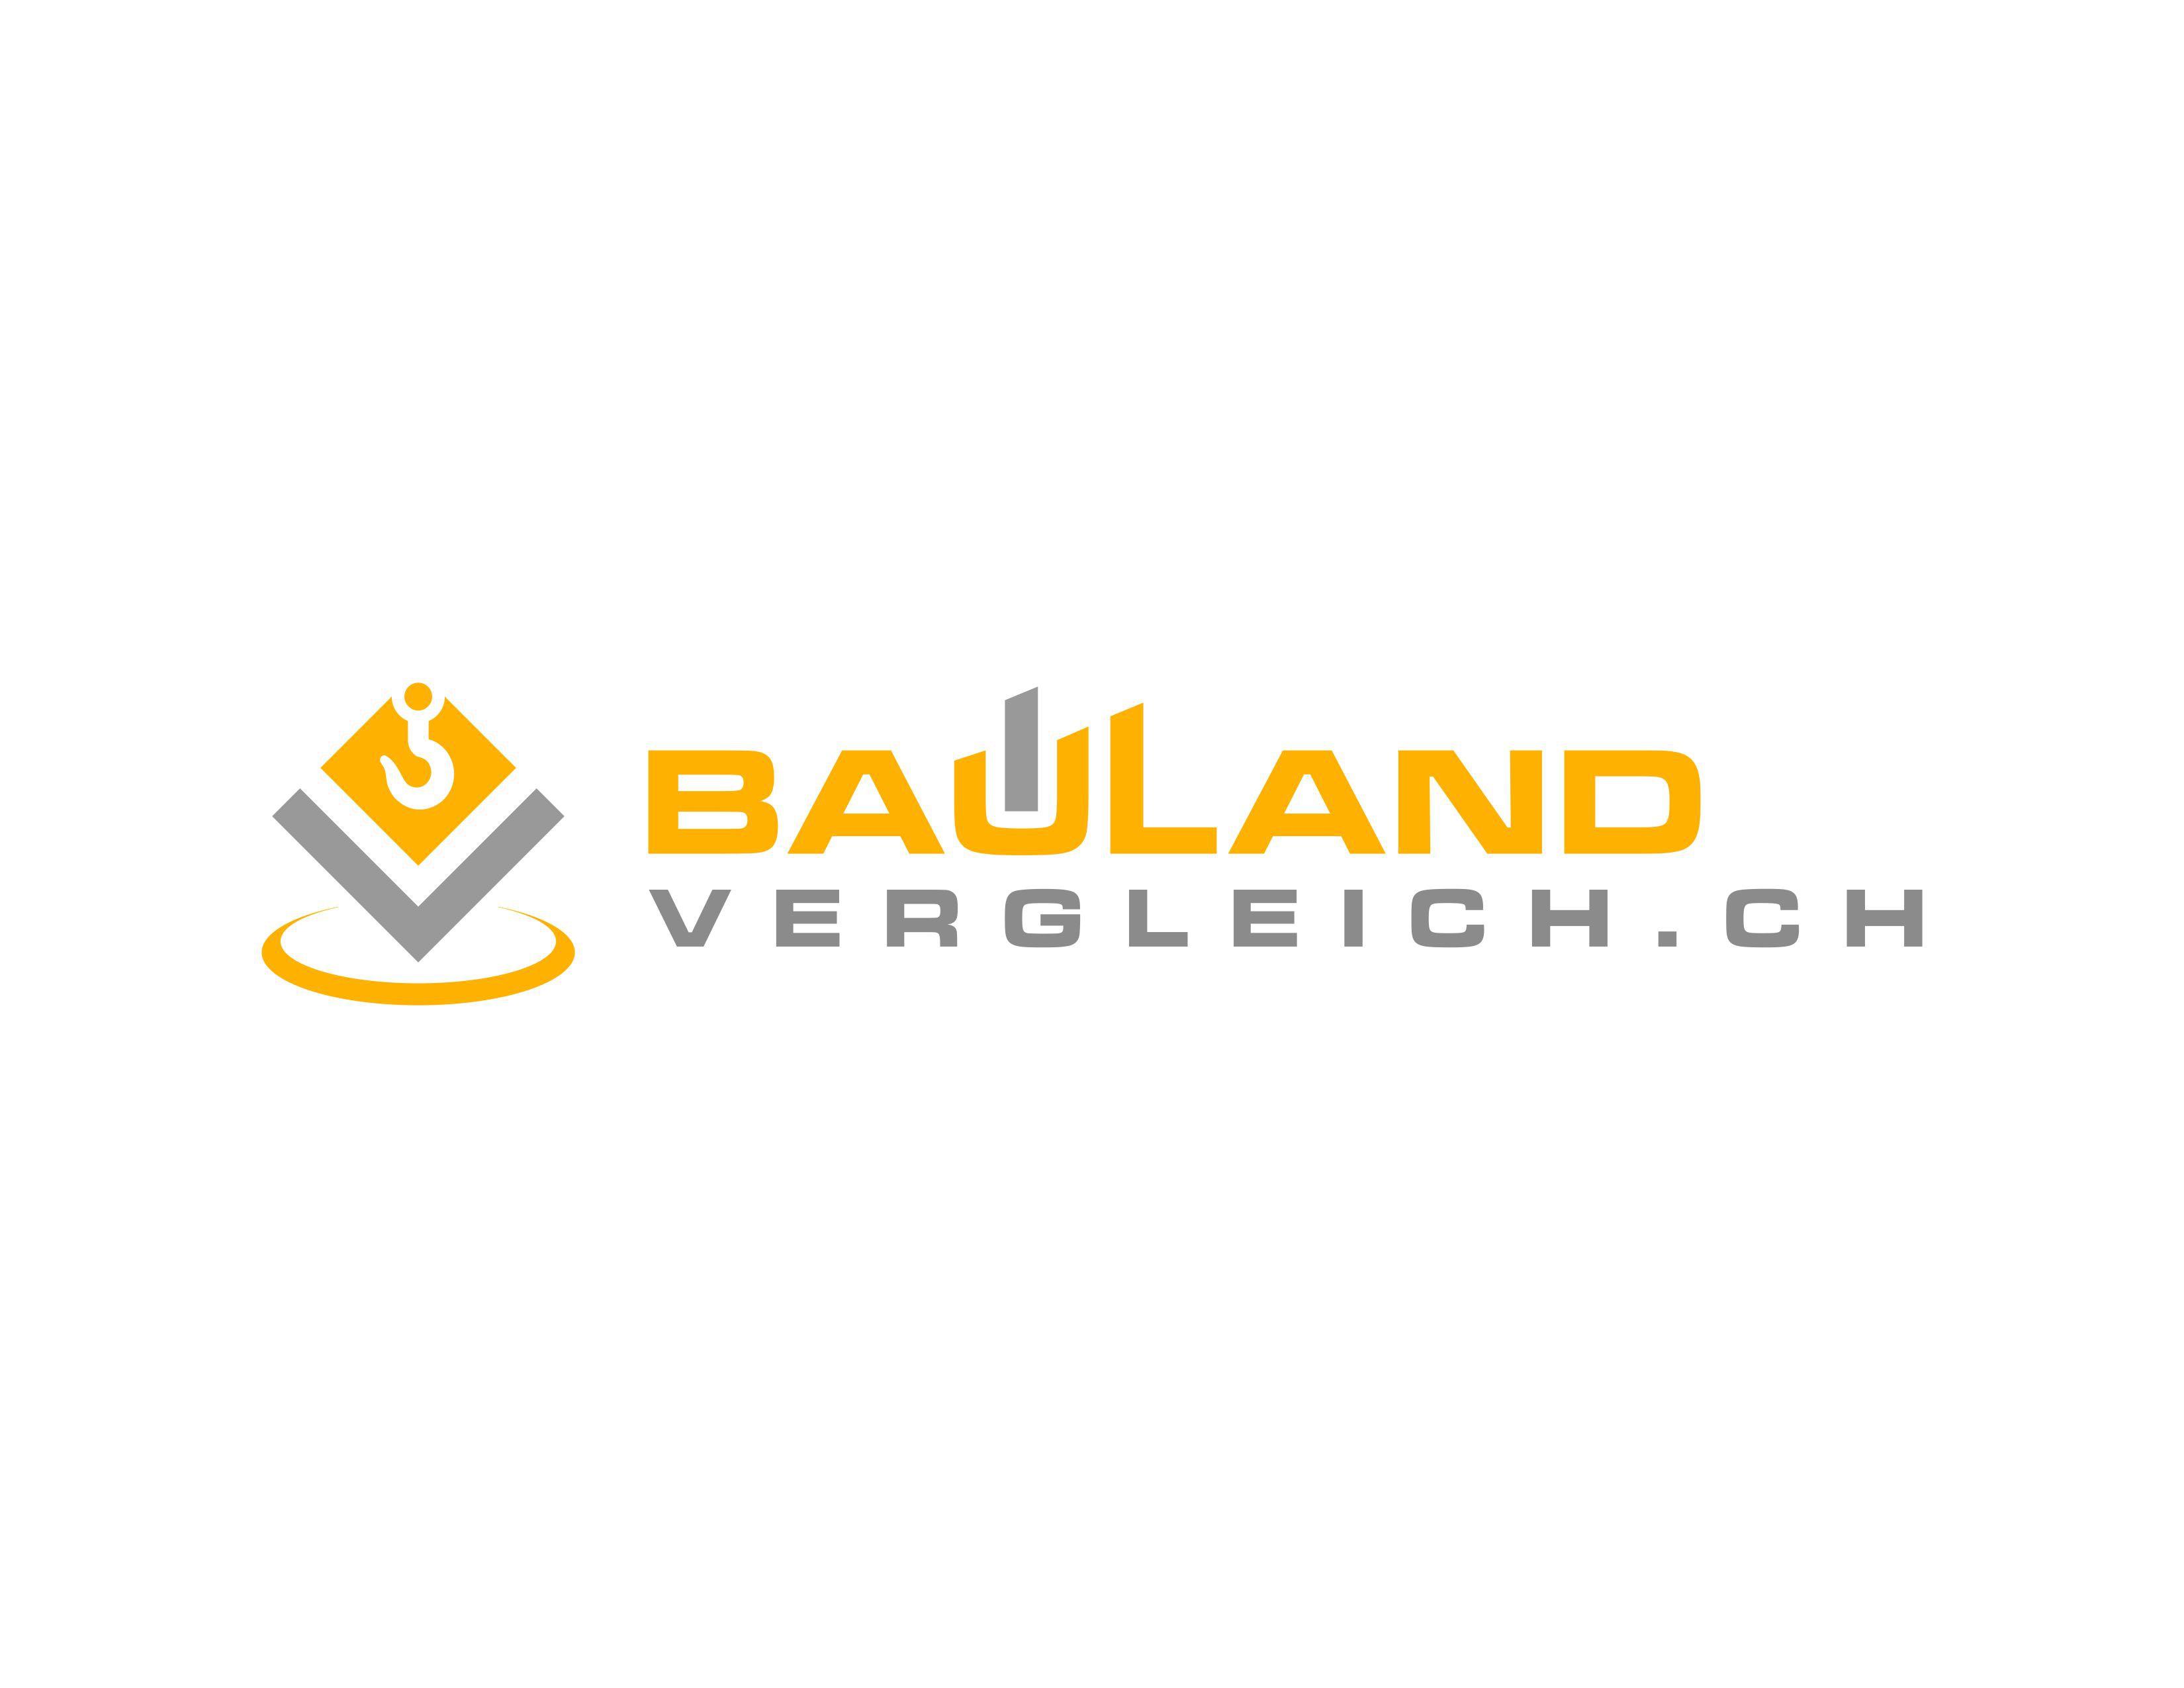 Neues Logo für Bauland-Inserate-Webseite